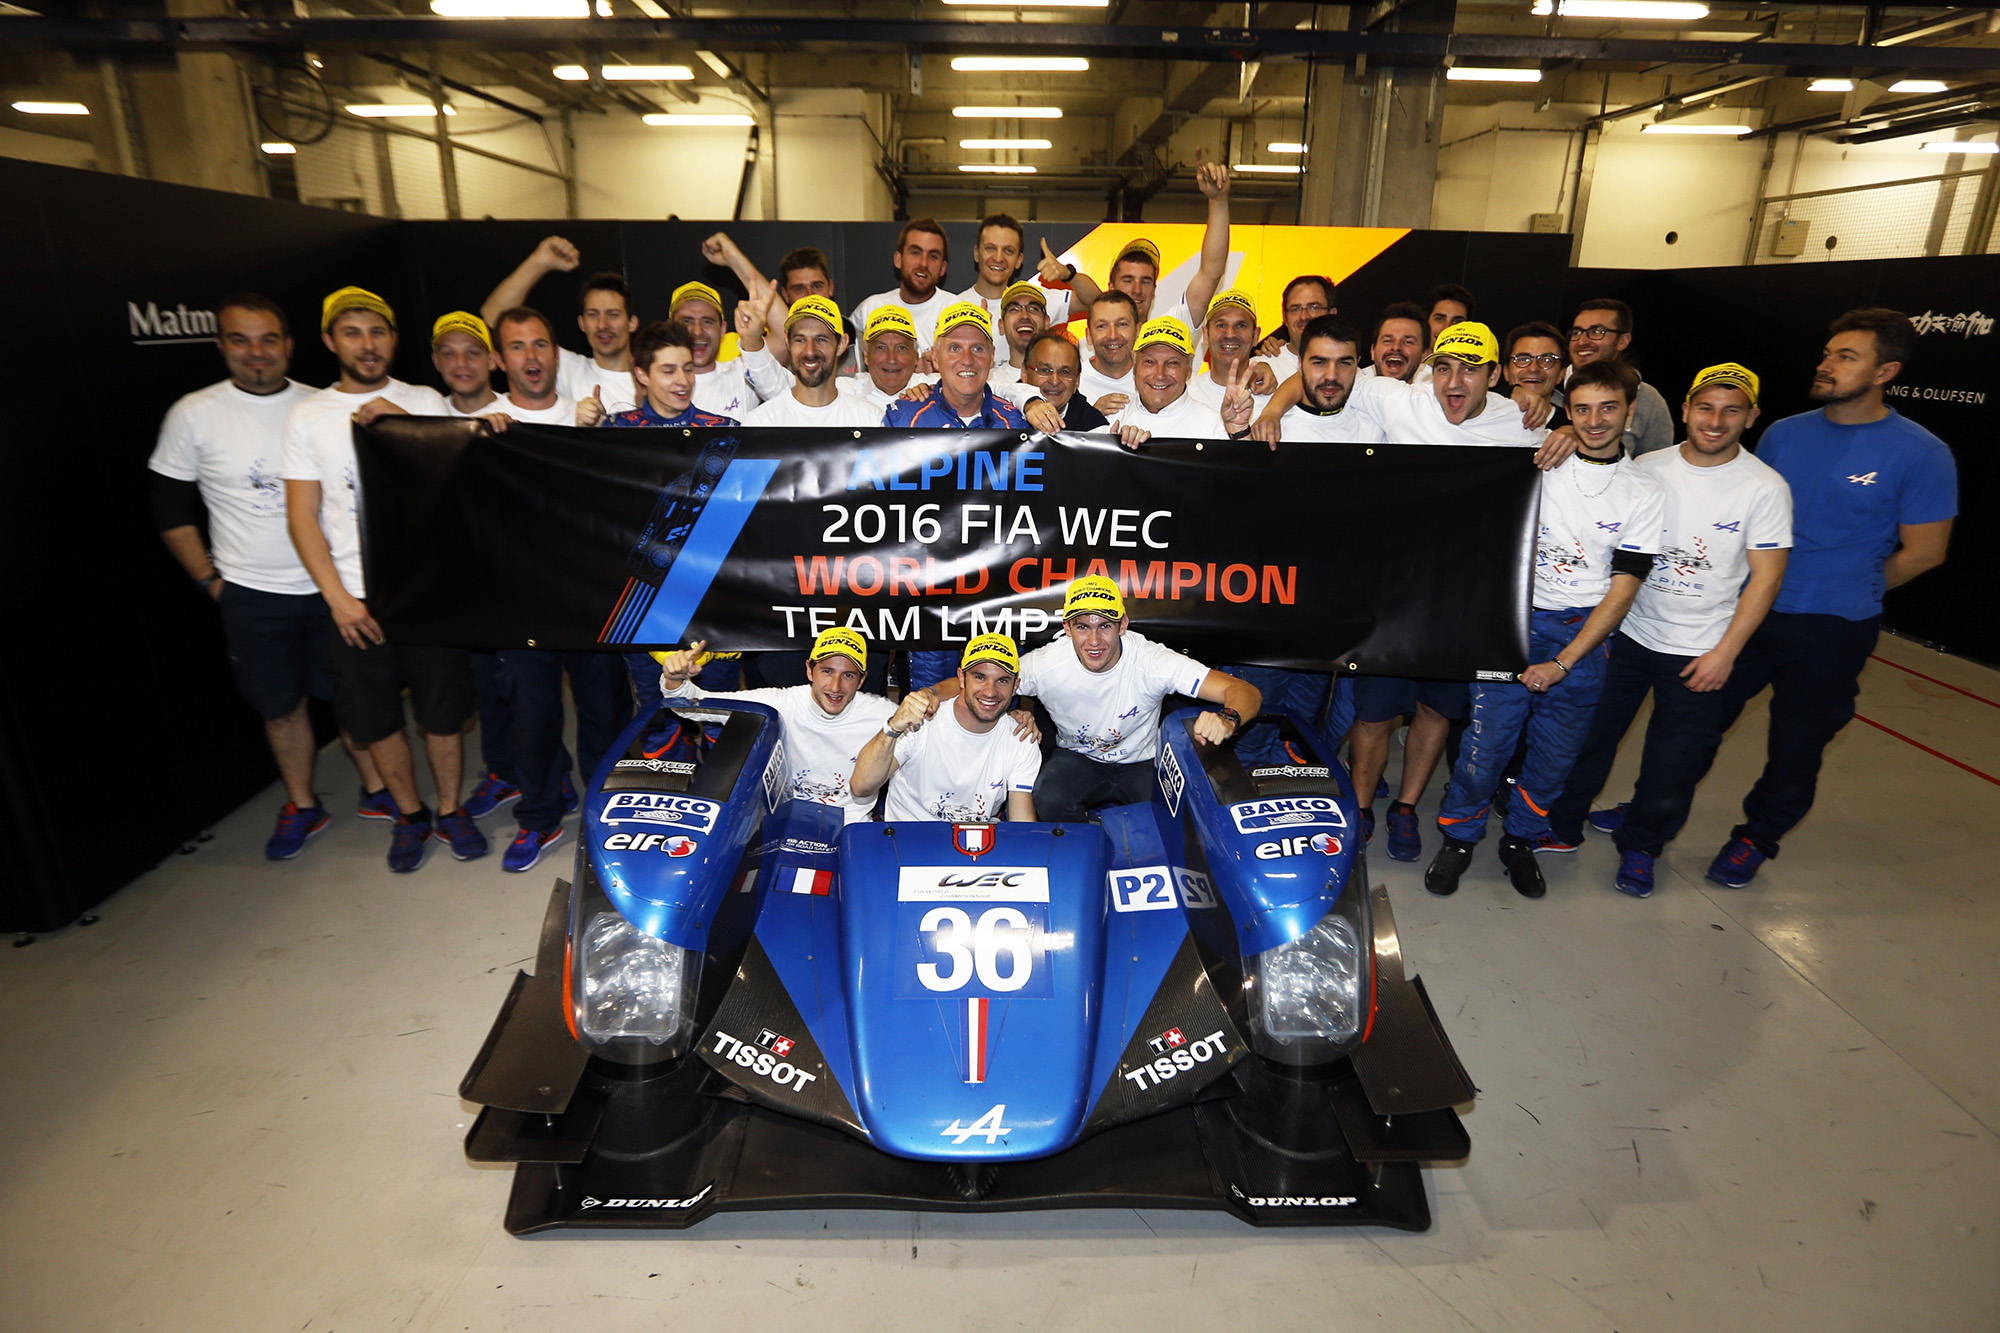 Signatech-Alpine remporte le Trophée LMP2 FIA WEC 2016